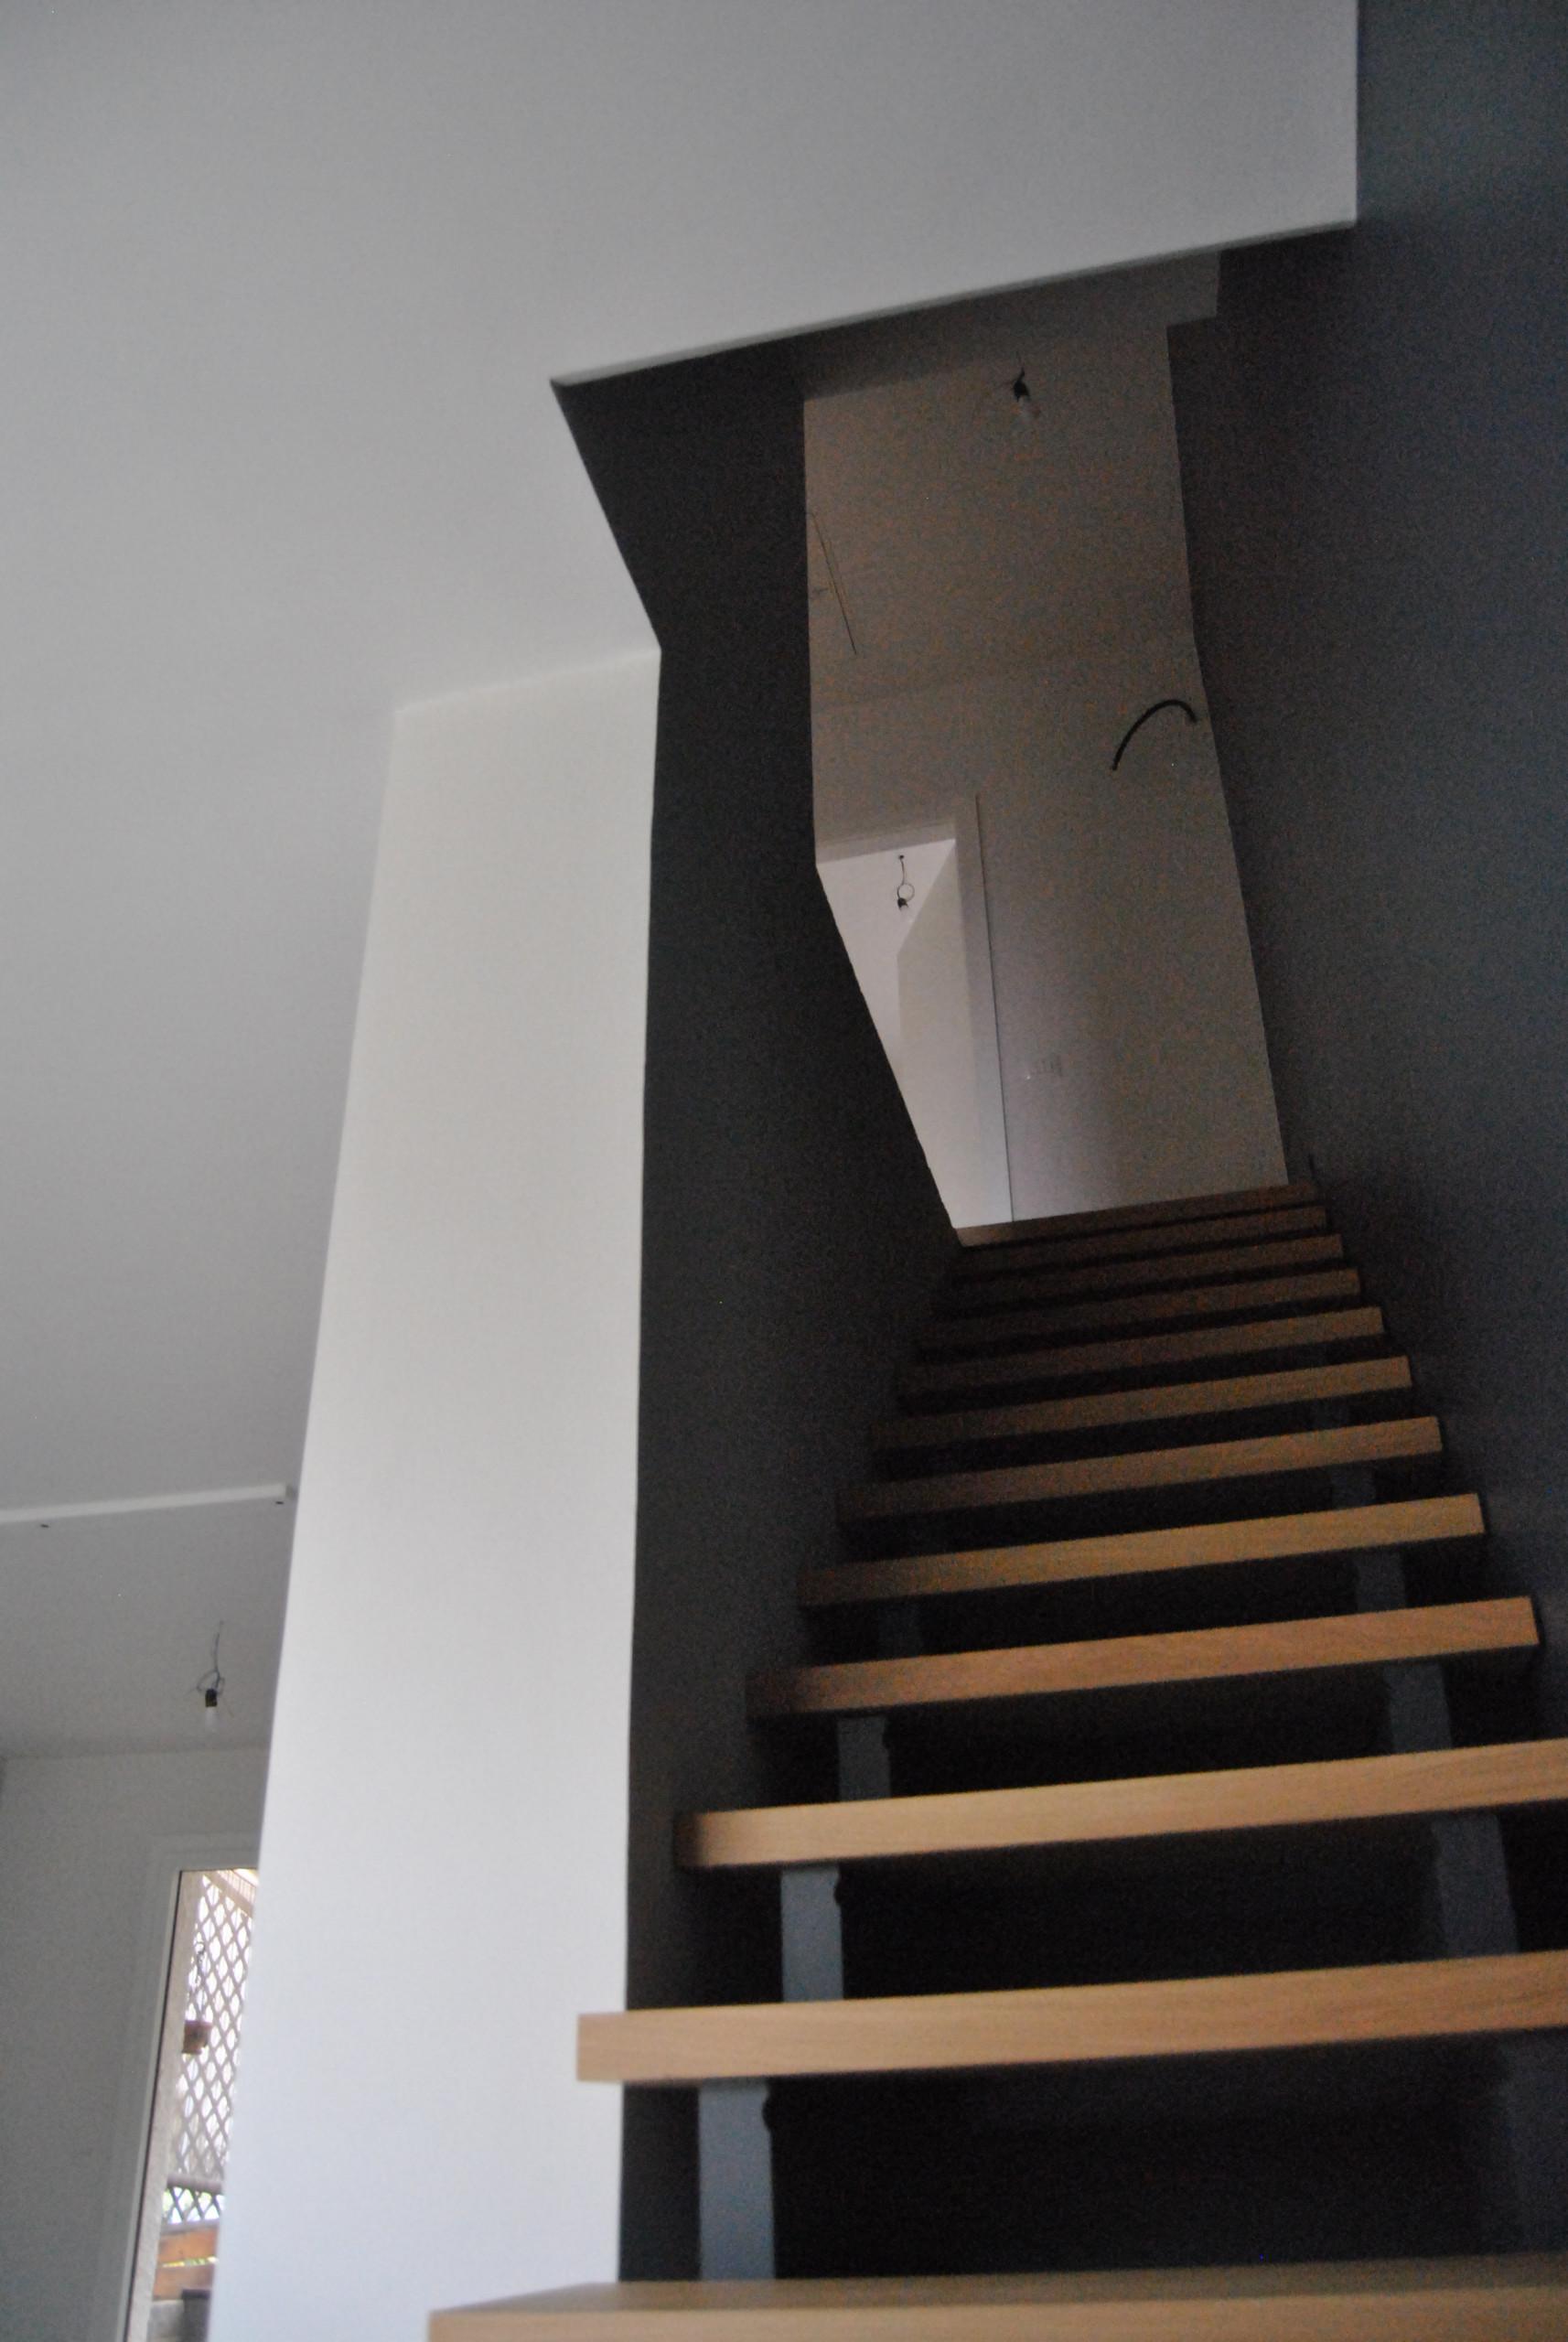 Vista della scala dal basso_Lavori in corso.